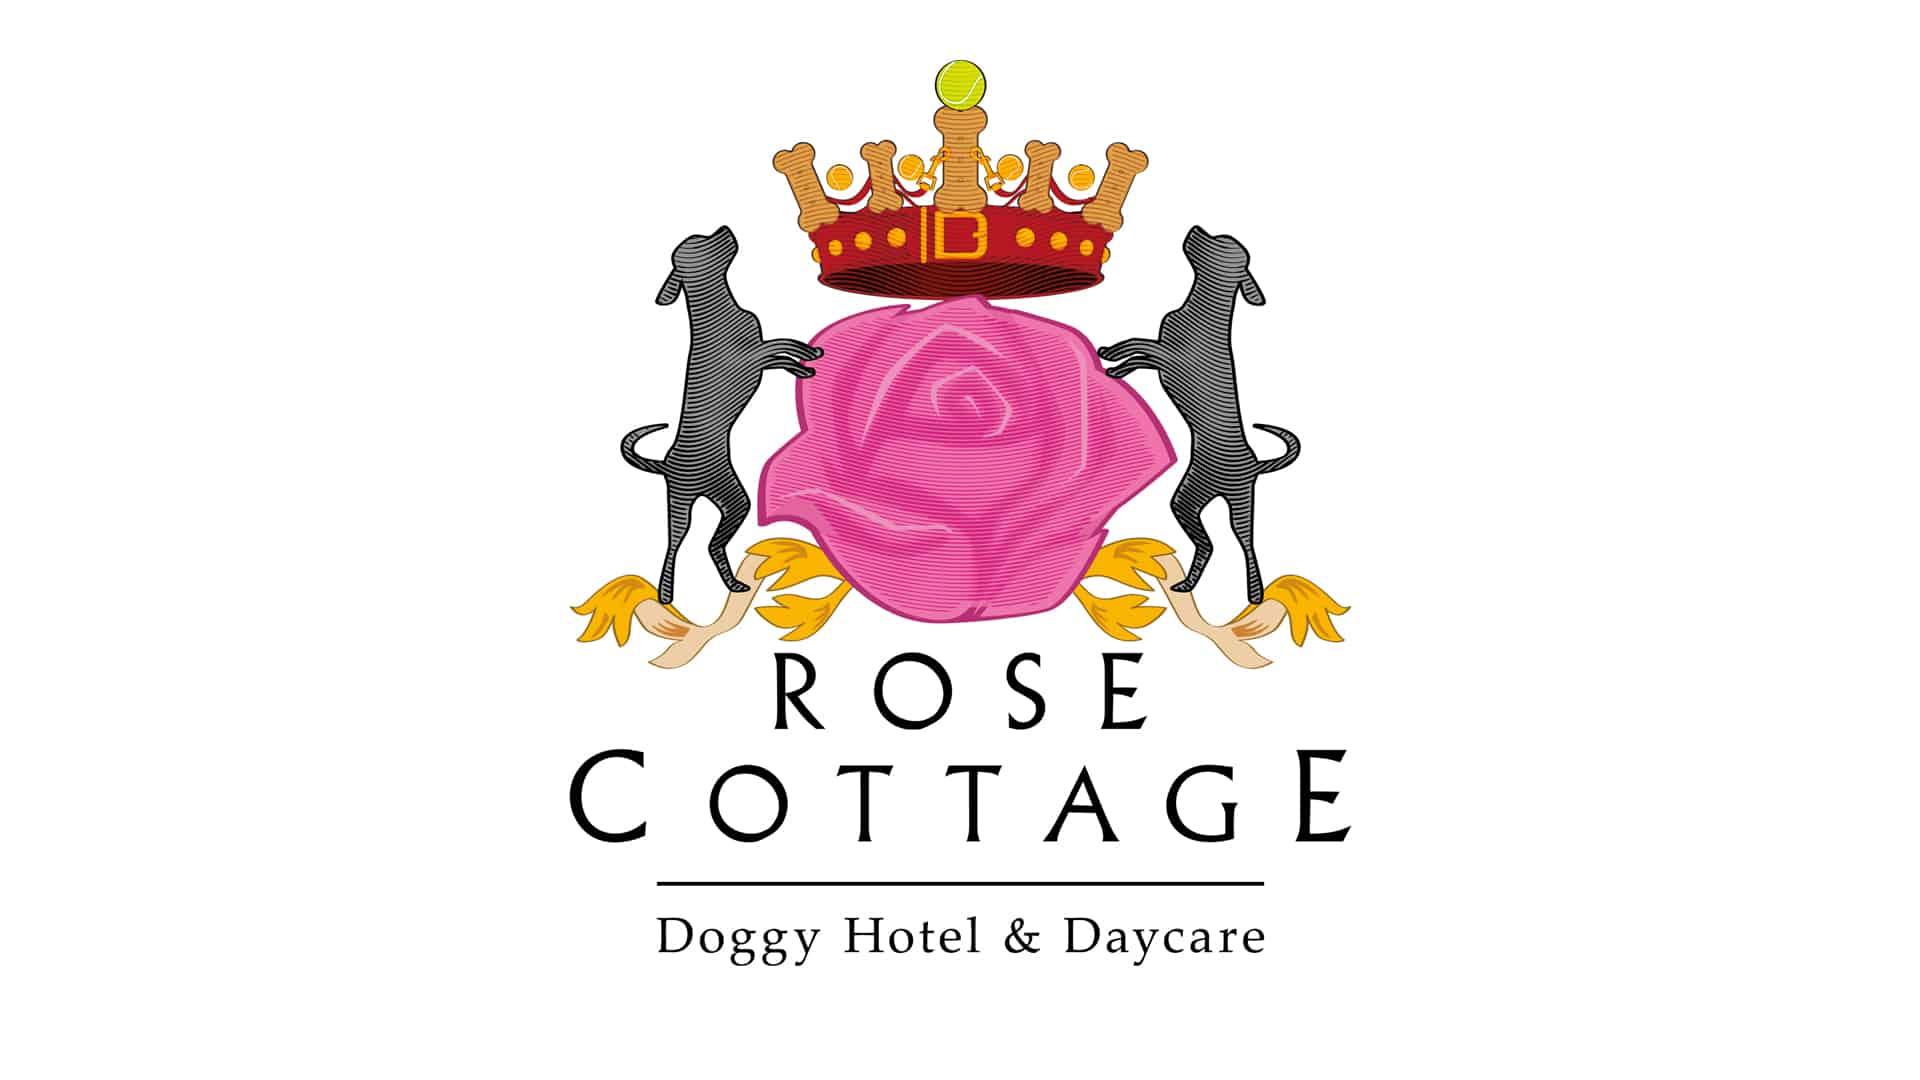 Rose Cottage Image 1